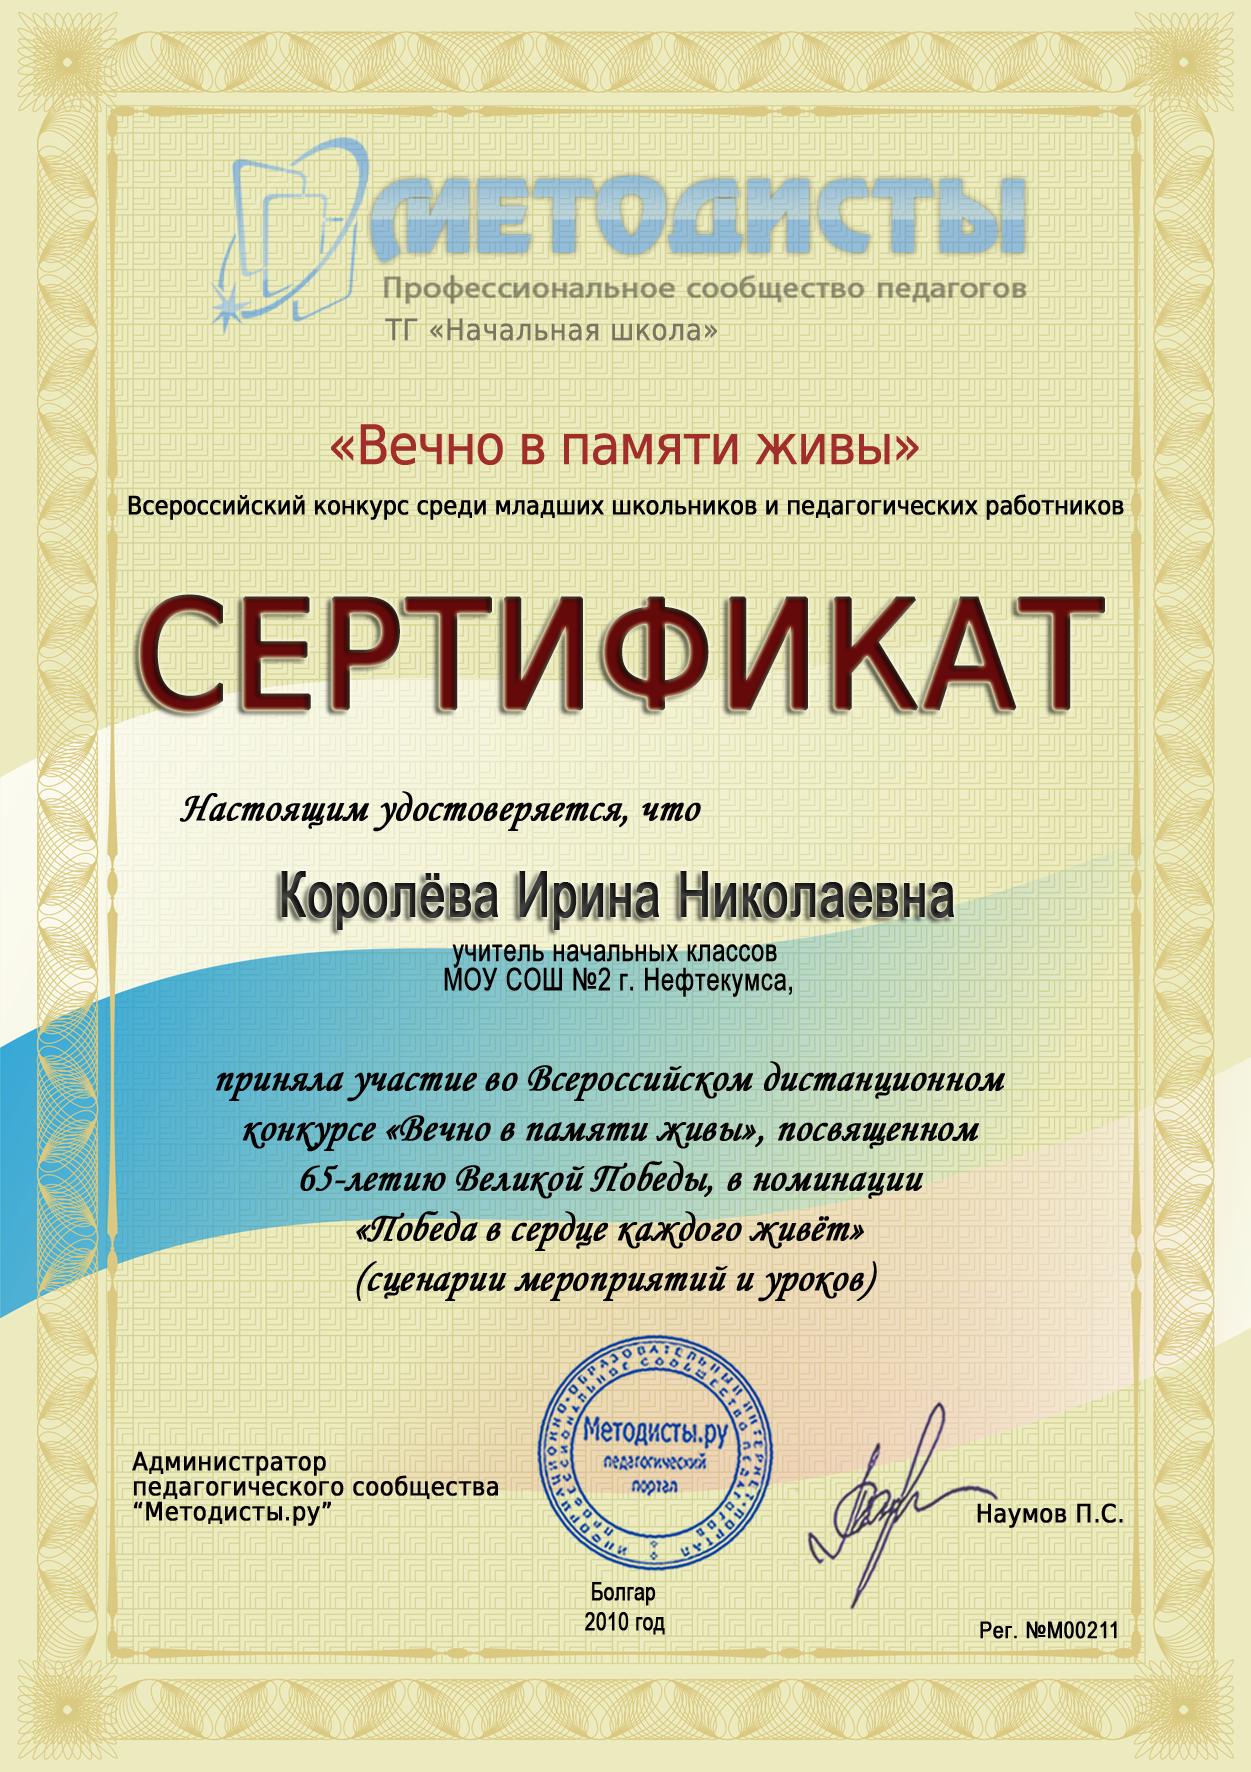 Печать сертификатов и дипломов в нижнем новгороде Печать дипломов и сертификатов